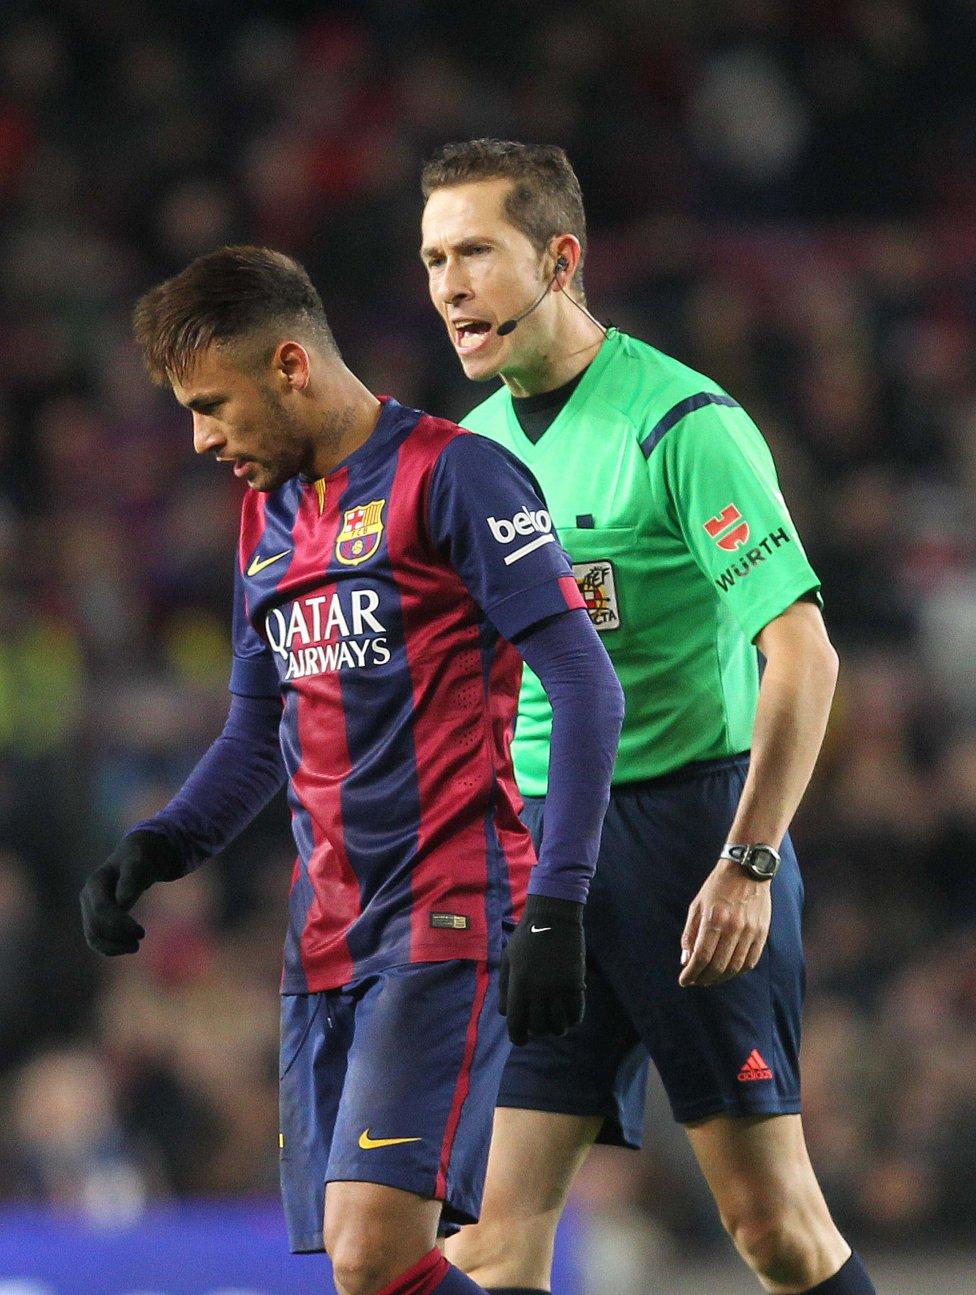 صور : مباراة برشلونة - أتليتيكو مدريد 1-0 ( 20-01-2015 )  1421837708_296690_1421880852_album_grande